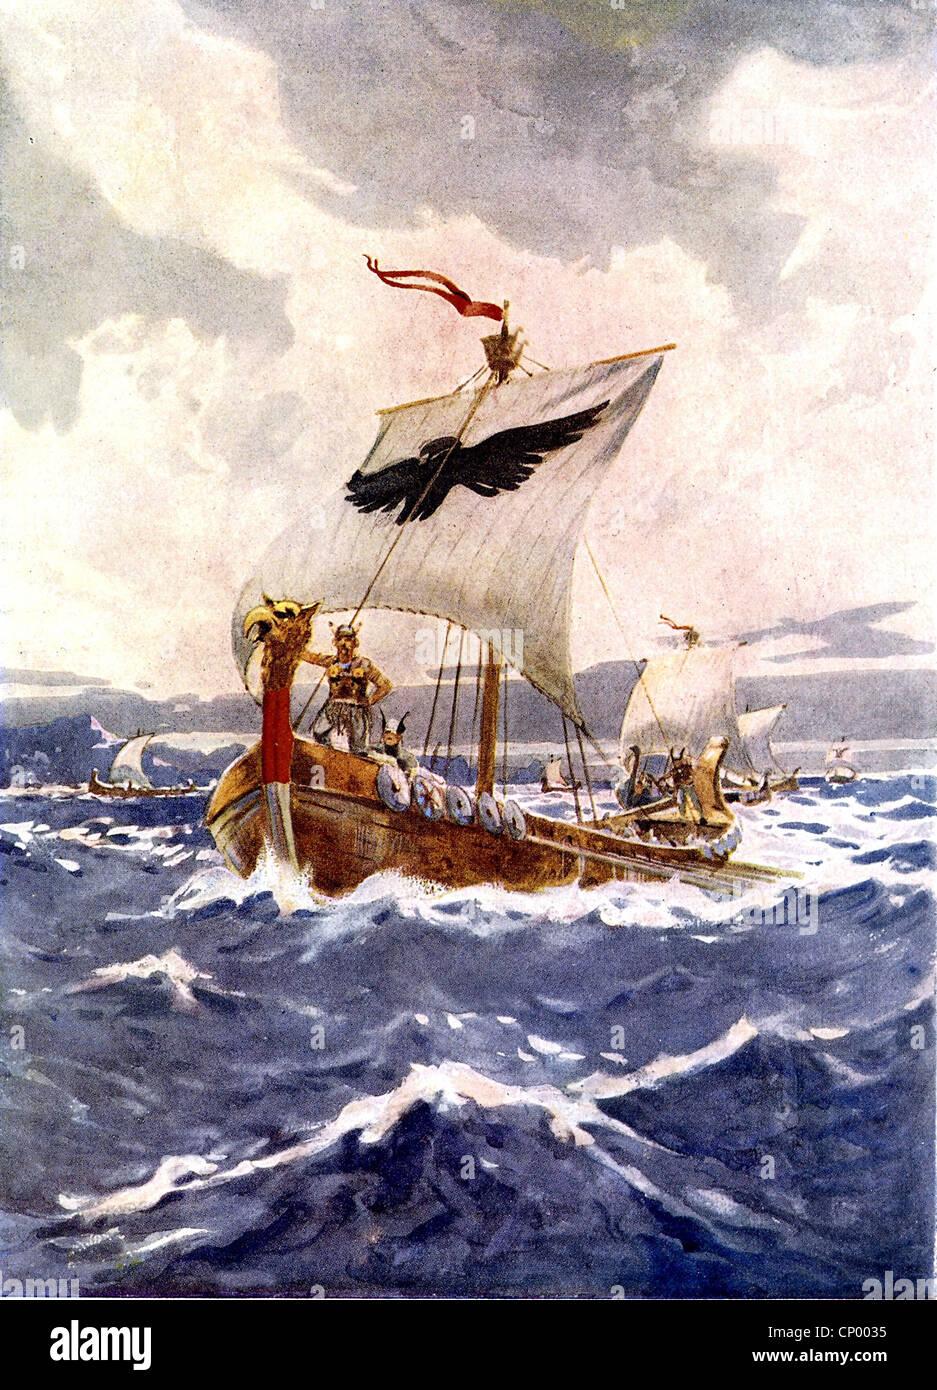 Mittelalter, Wikinger, Wikingerschiff, Segeln, Gemälde von Arch Webb, historisch, Schiffe, Schiff, Meer, Mittelalter, Stockfoto